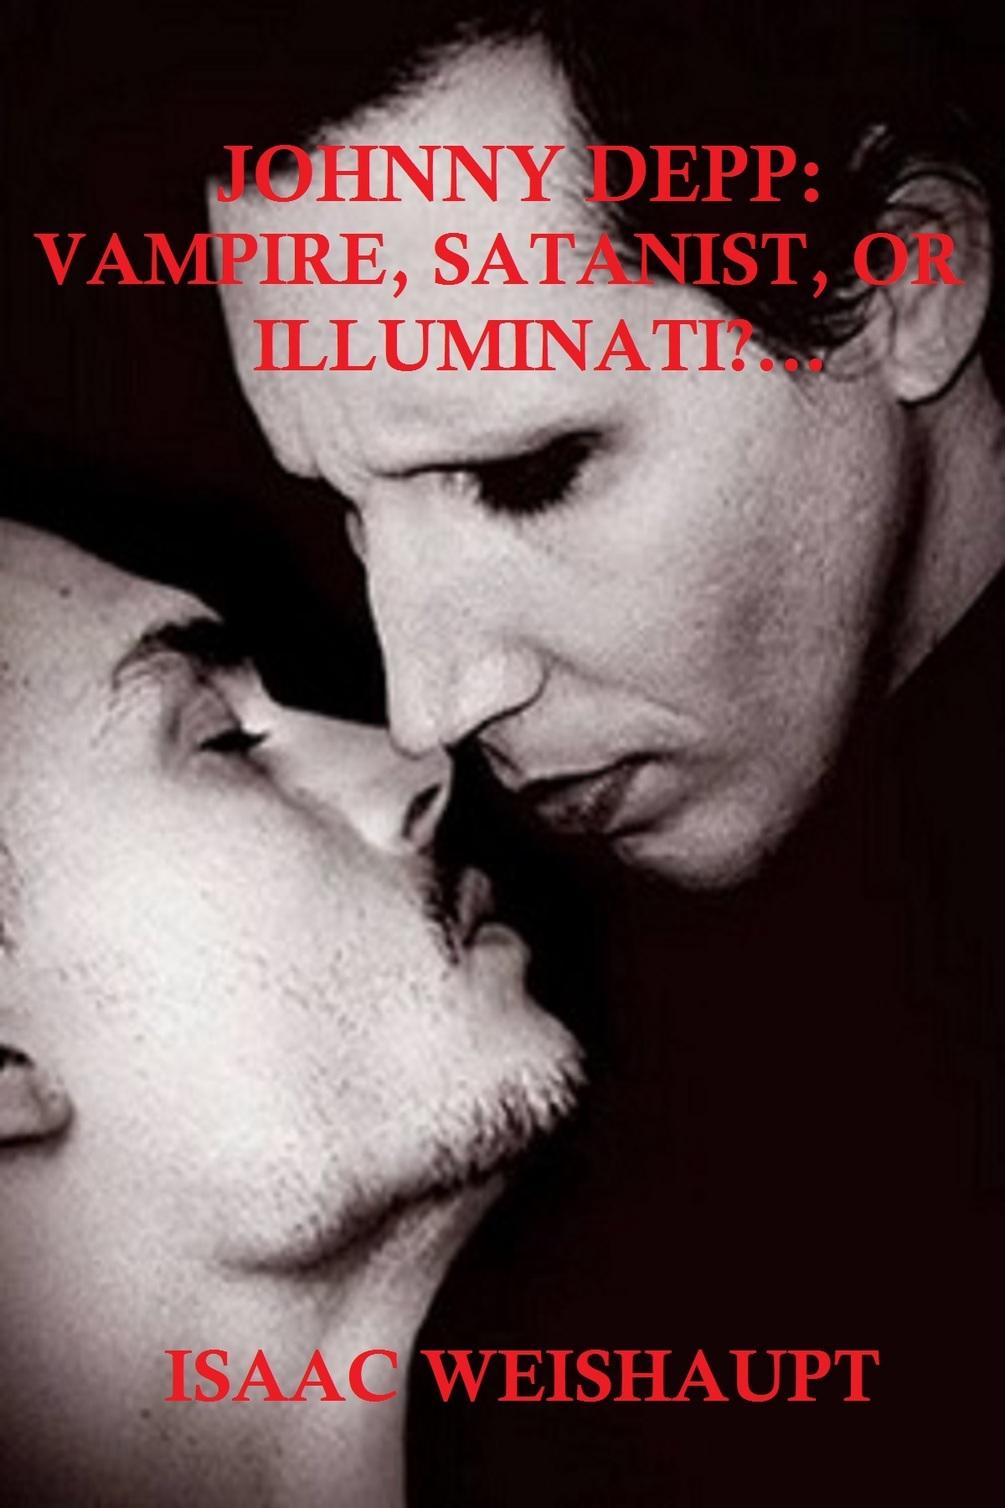 """Conspiranoicos """"illuminatis en la musica"""" - Página 3 Johnny10"""